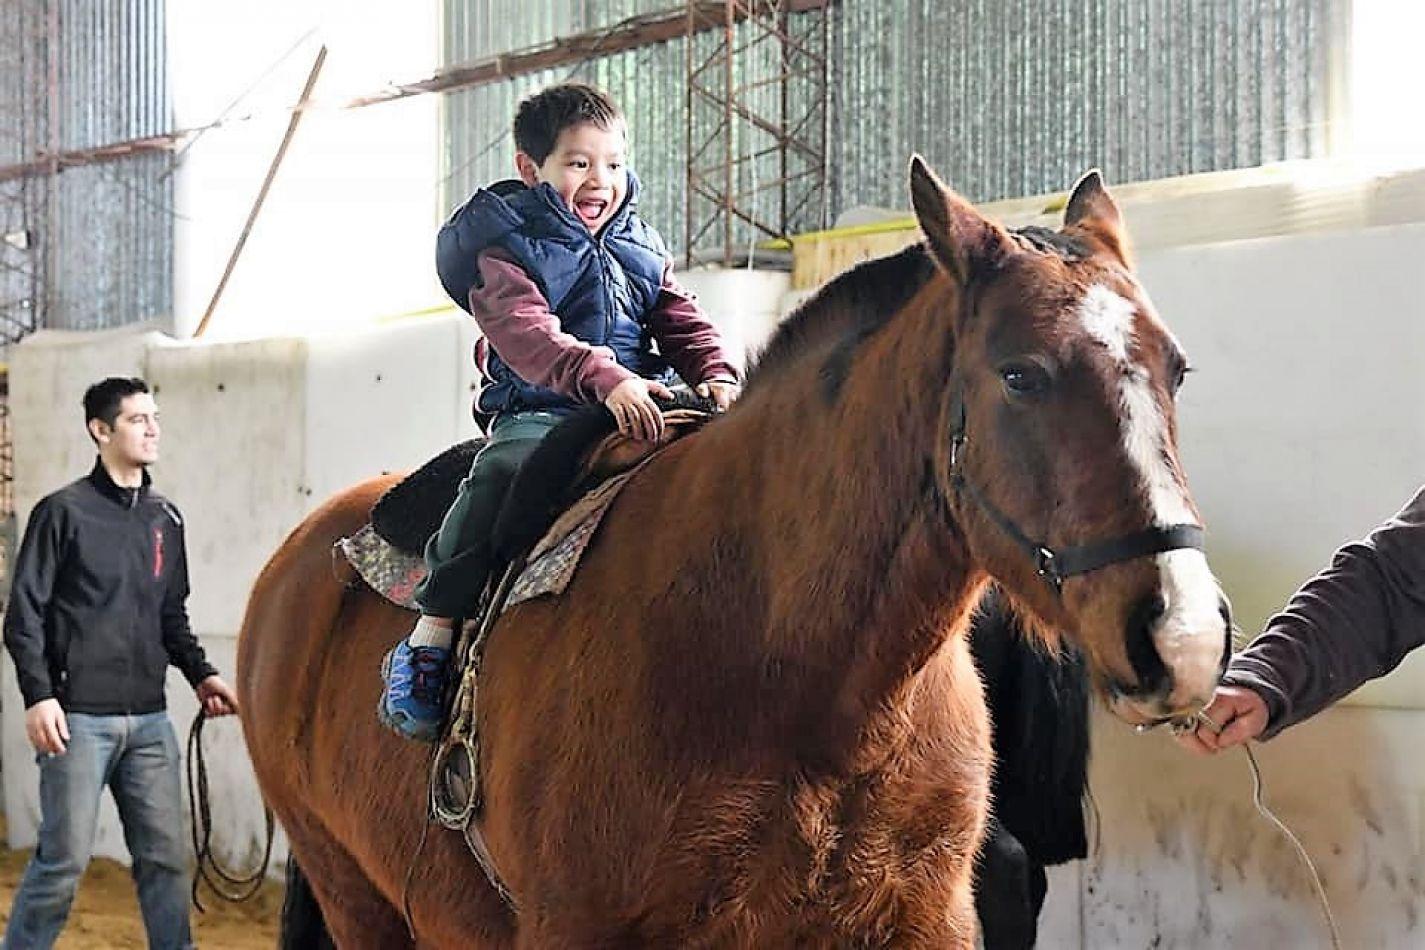 Equitación y Equinoterapia, una propuesta diferente para toda la familia de Río Grande.